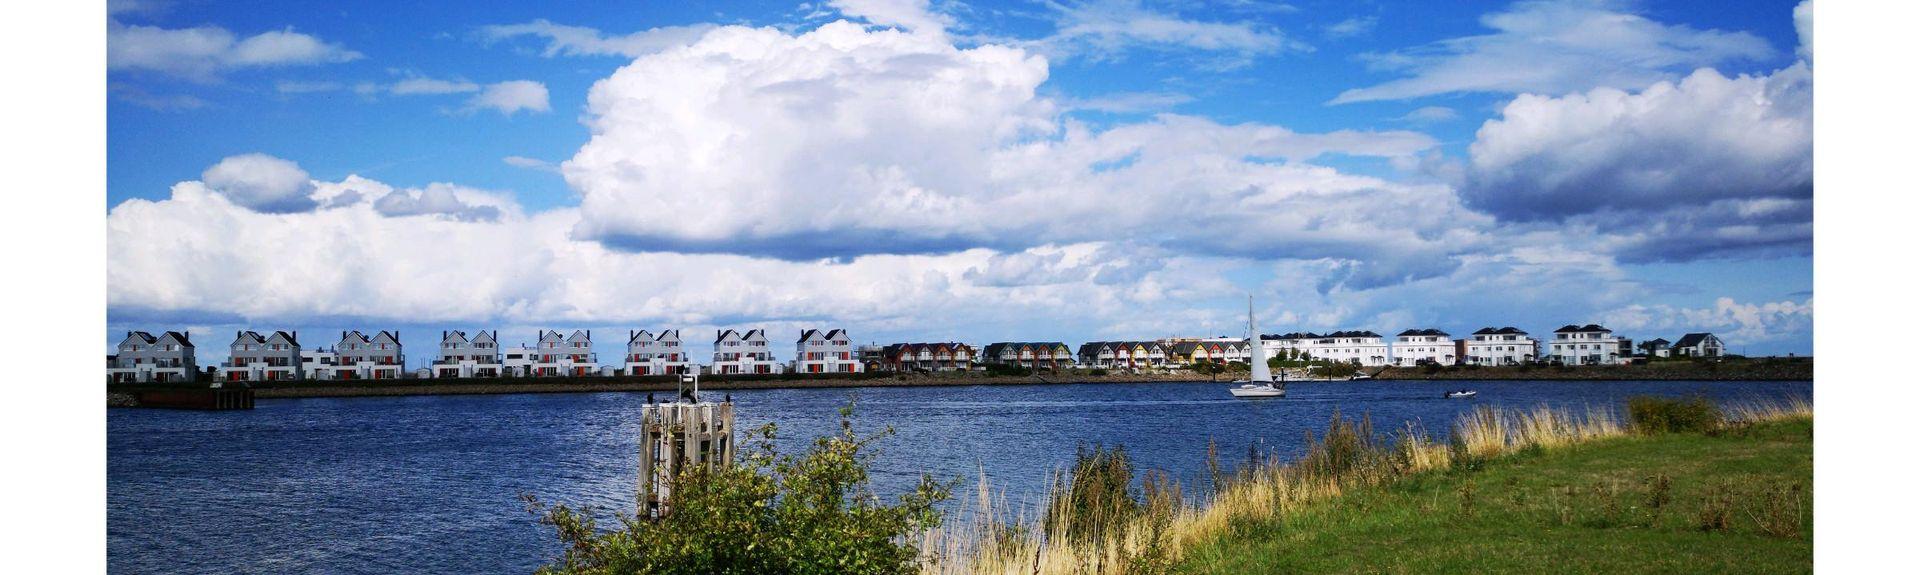 Rendsburg-Eckernförde, Schleswig - Holstein, Germania